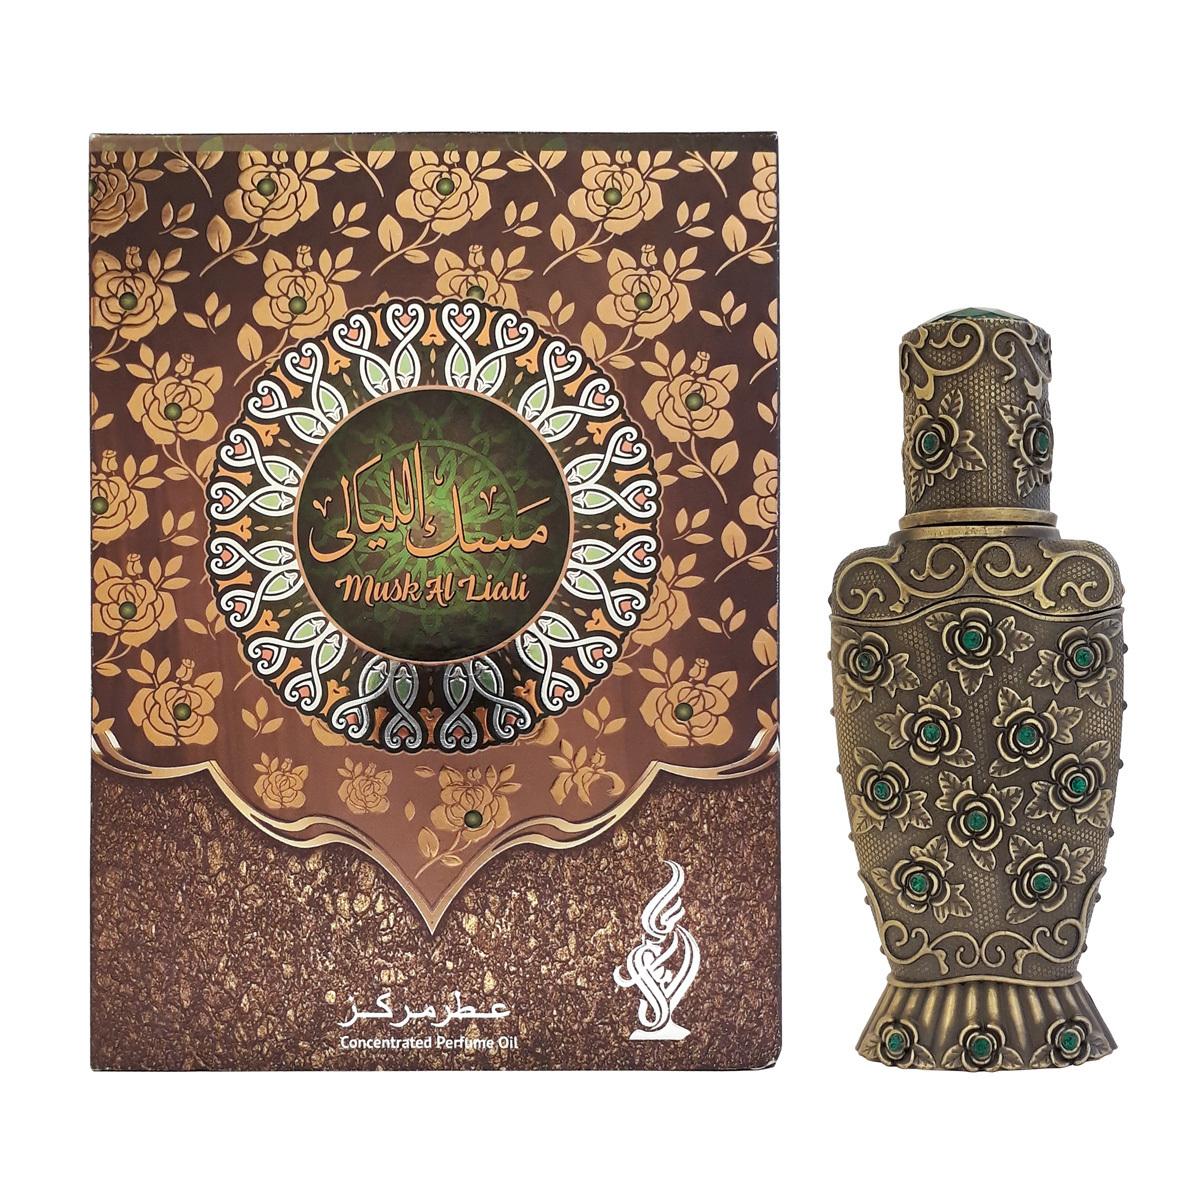 Пробник для Musk al Liali  Муск аль Лиали 1 мл арабские масляные духи от Халис Khalis Perfumes